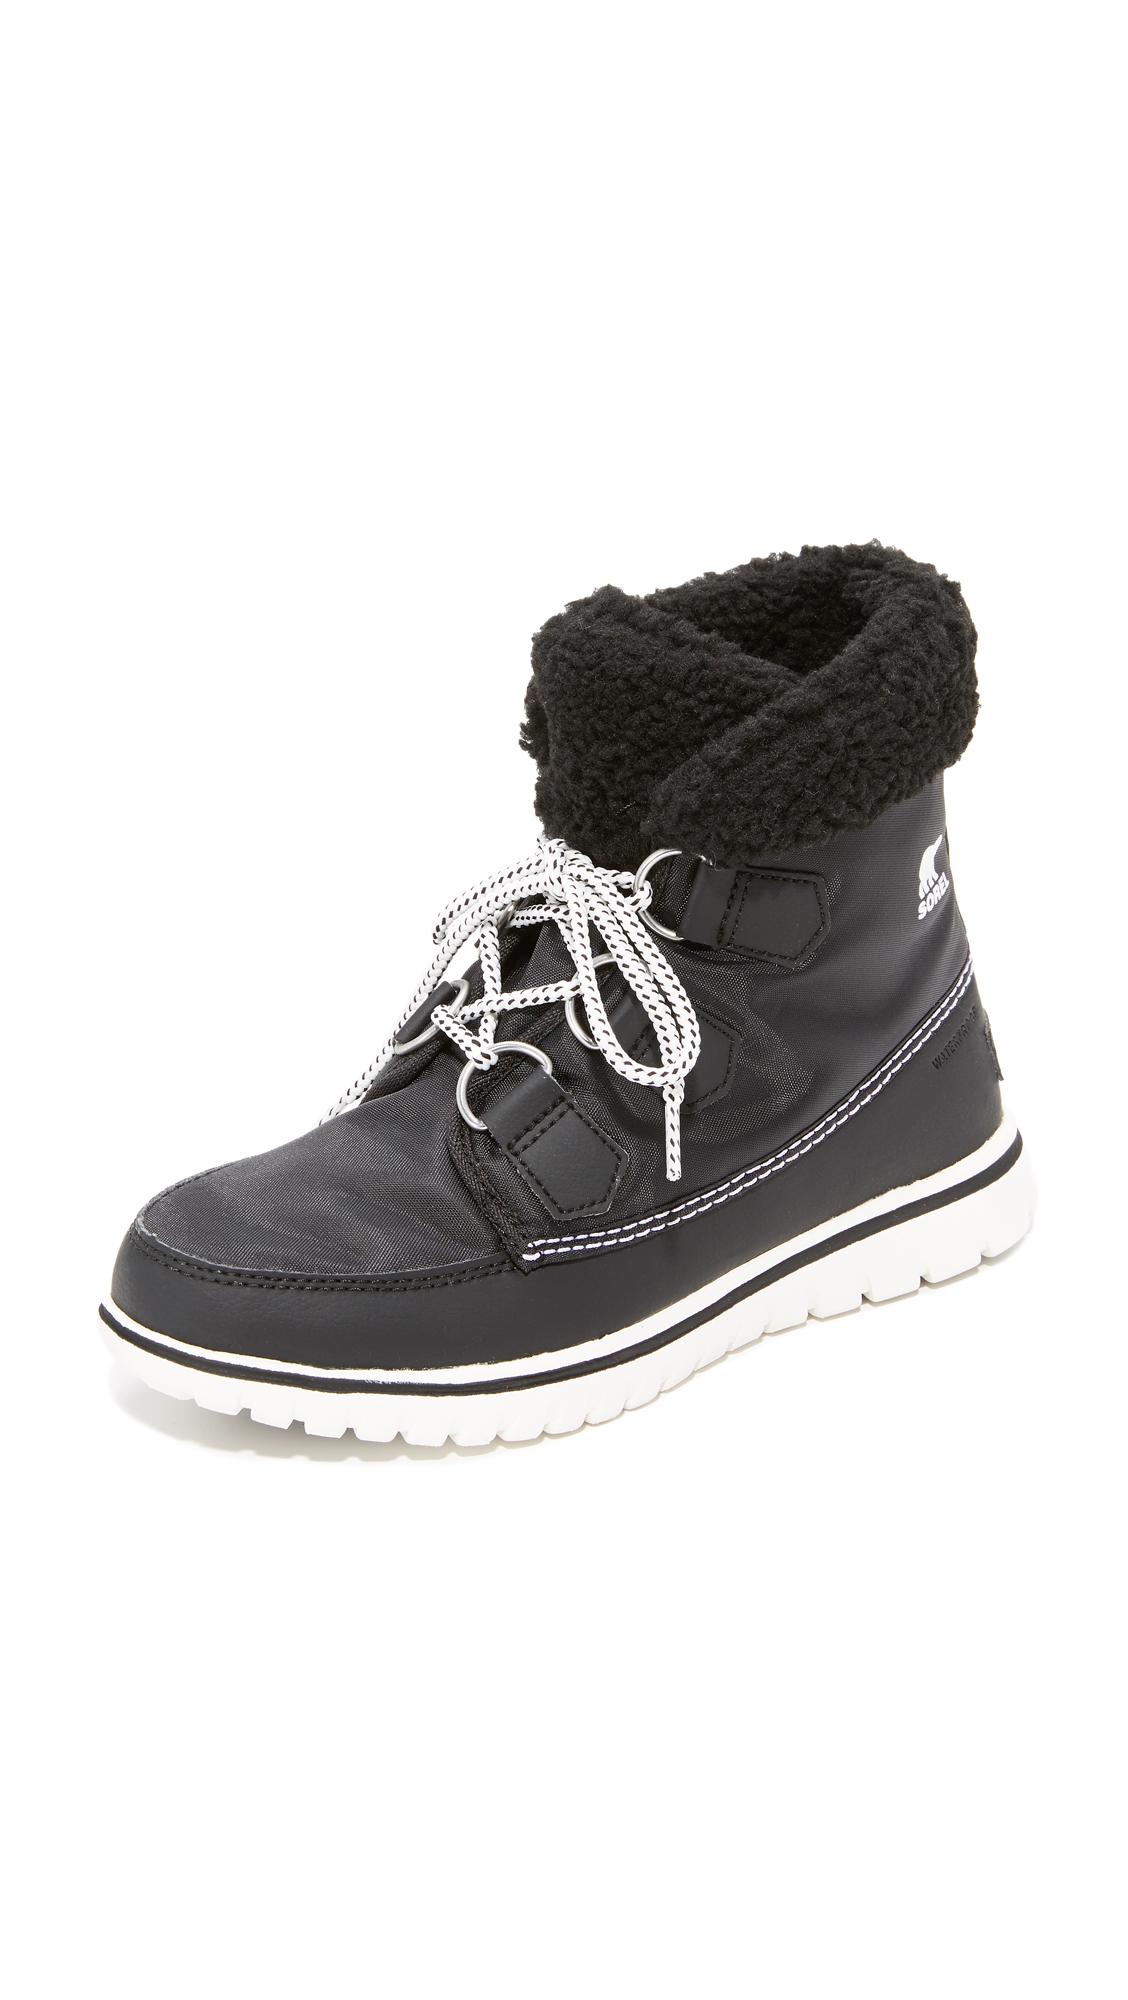 Sorel Cozy Carnival Booties - Black